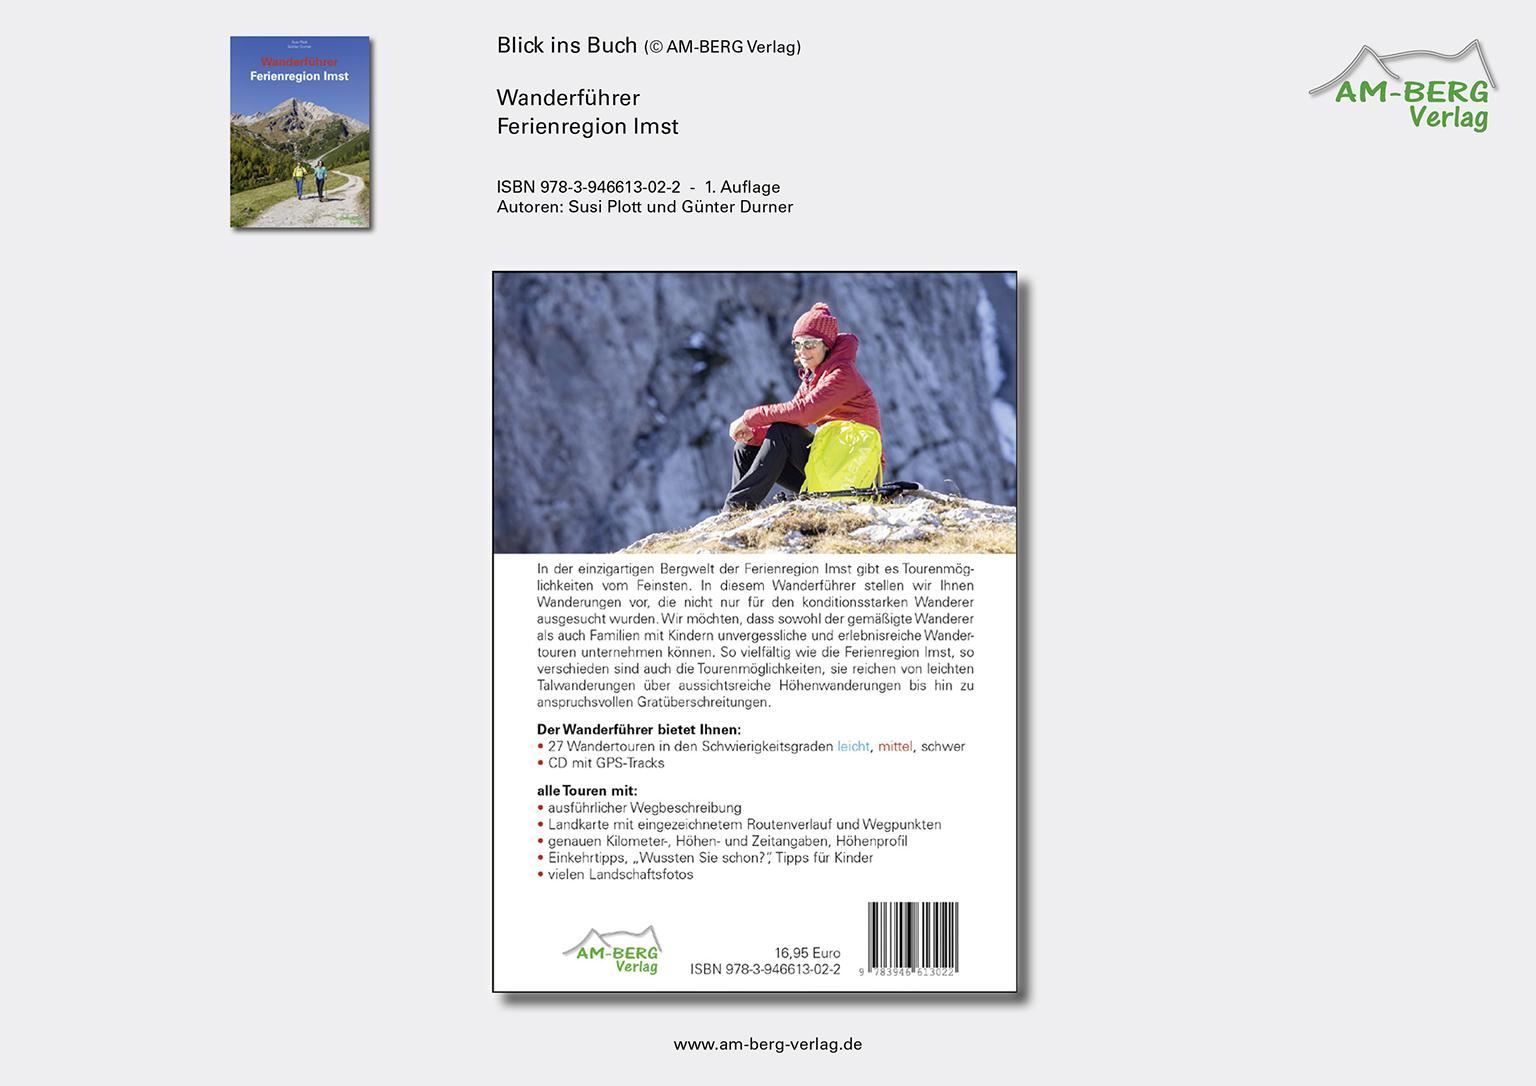 Wanderführer Ferienregion Imst_Rückseite Buch